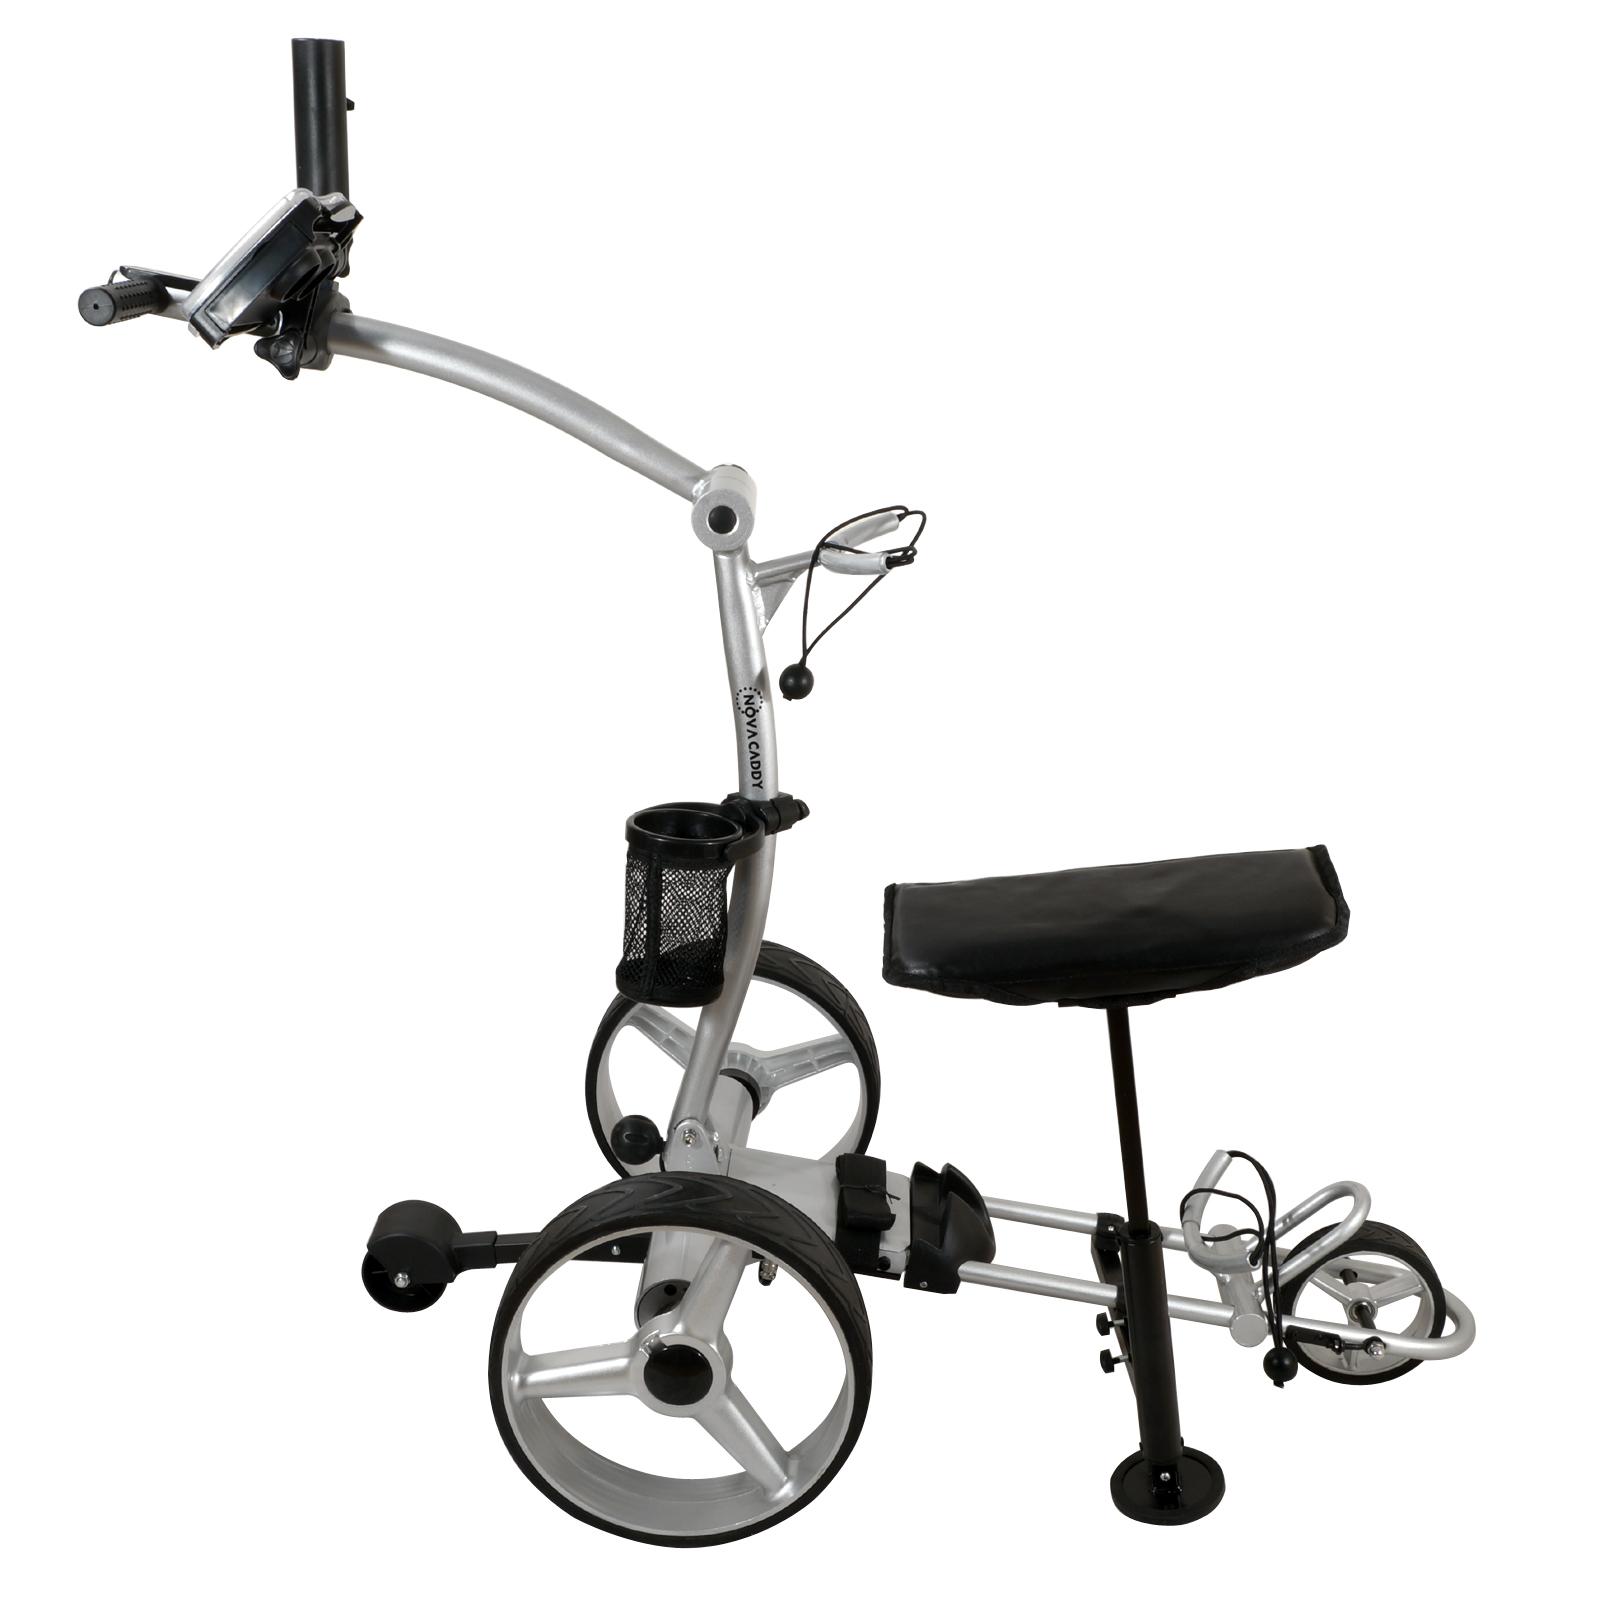 2013 New Novacaddy Remote Control Electric Golf Trolley